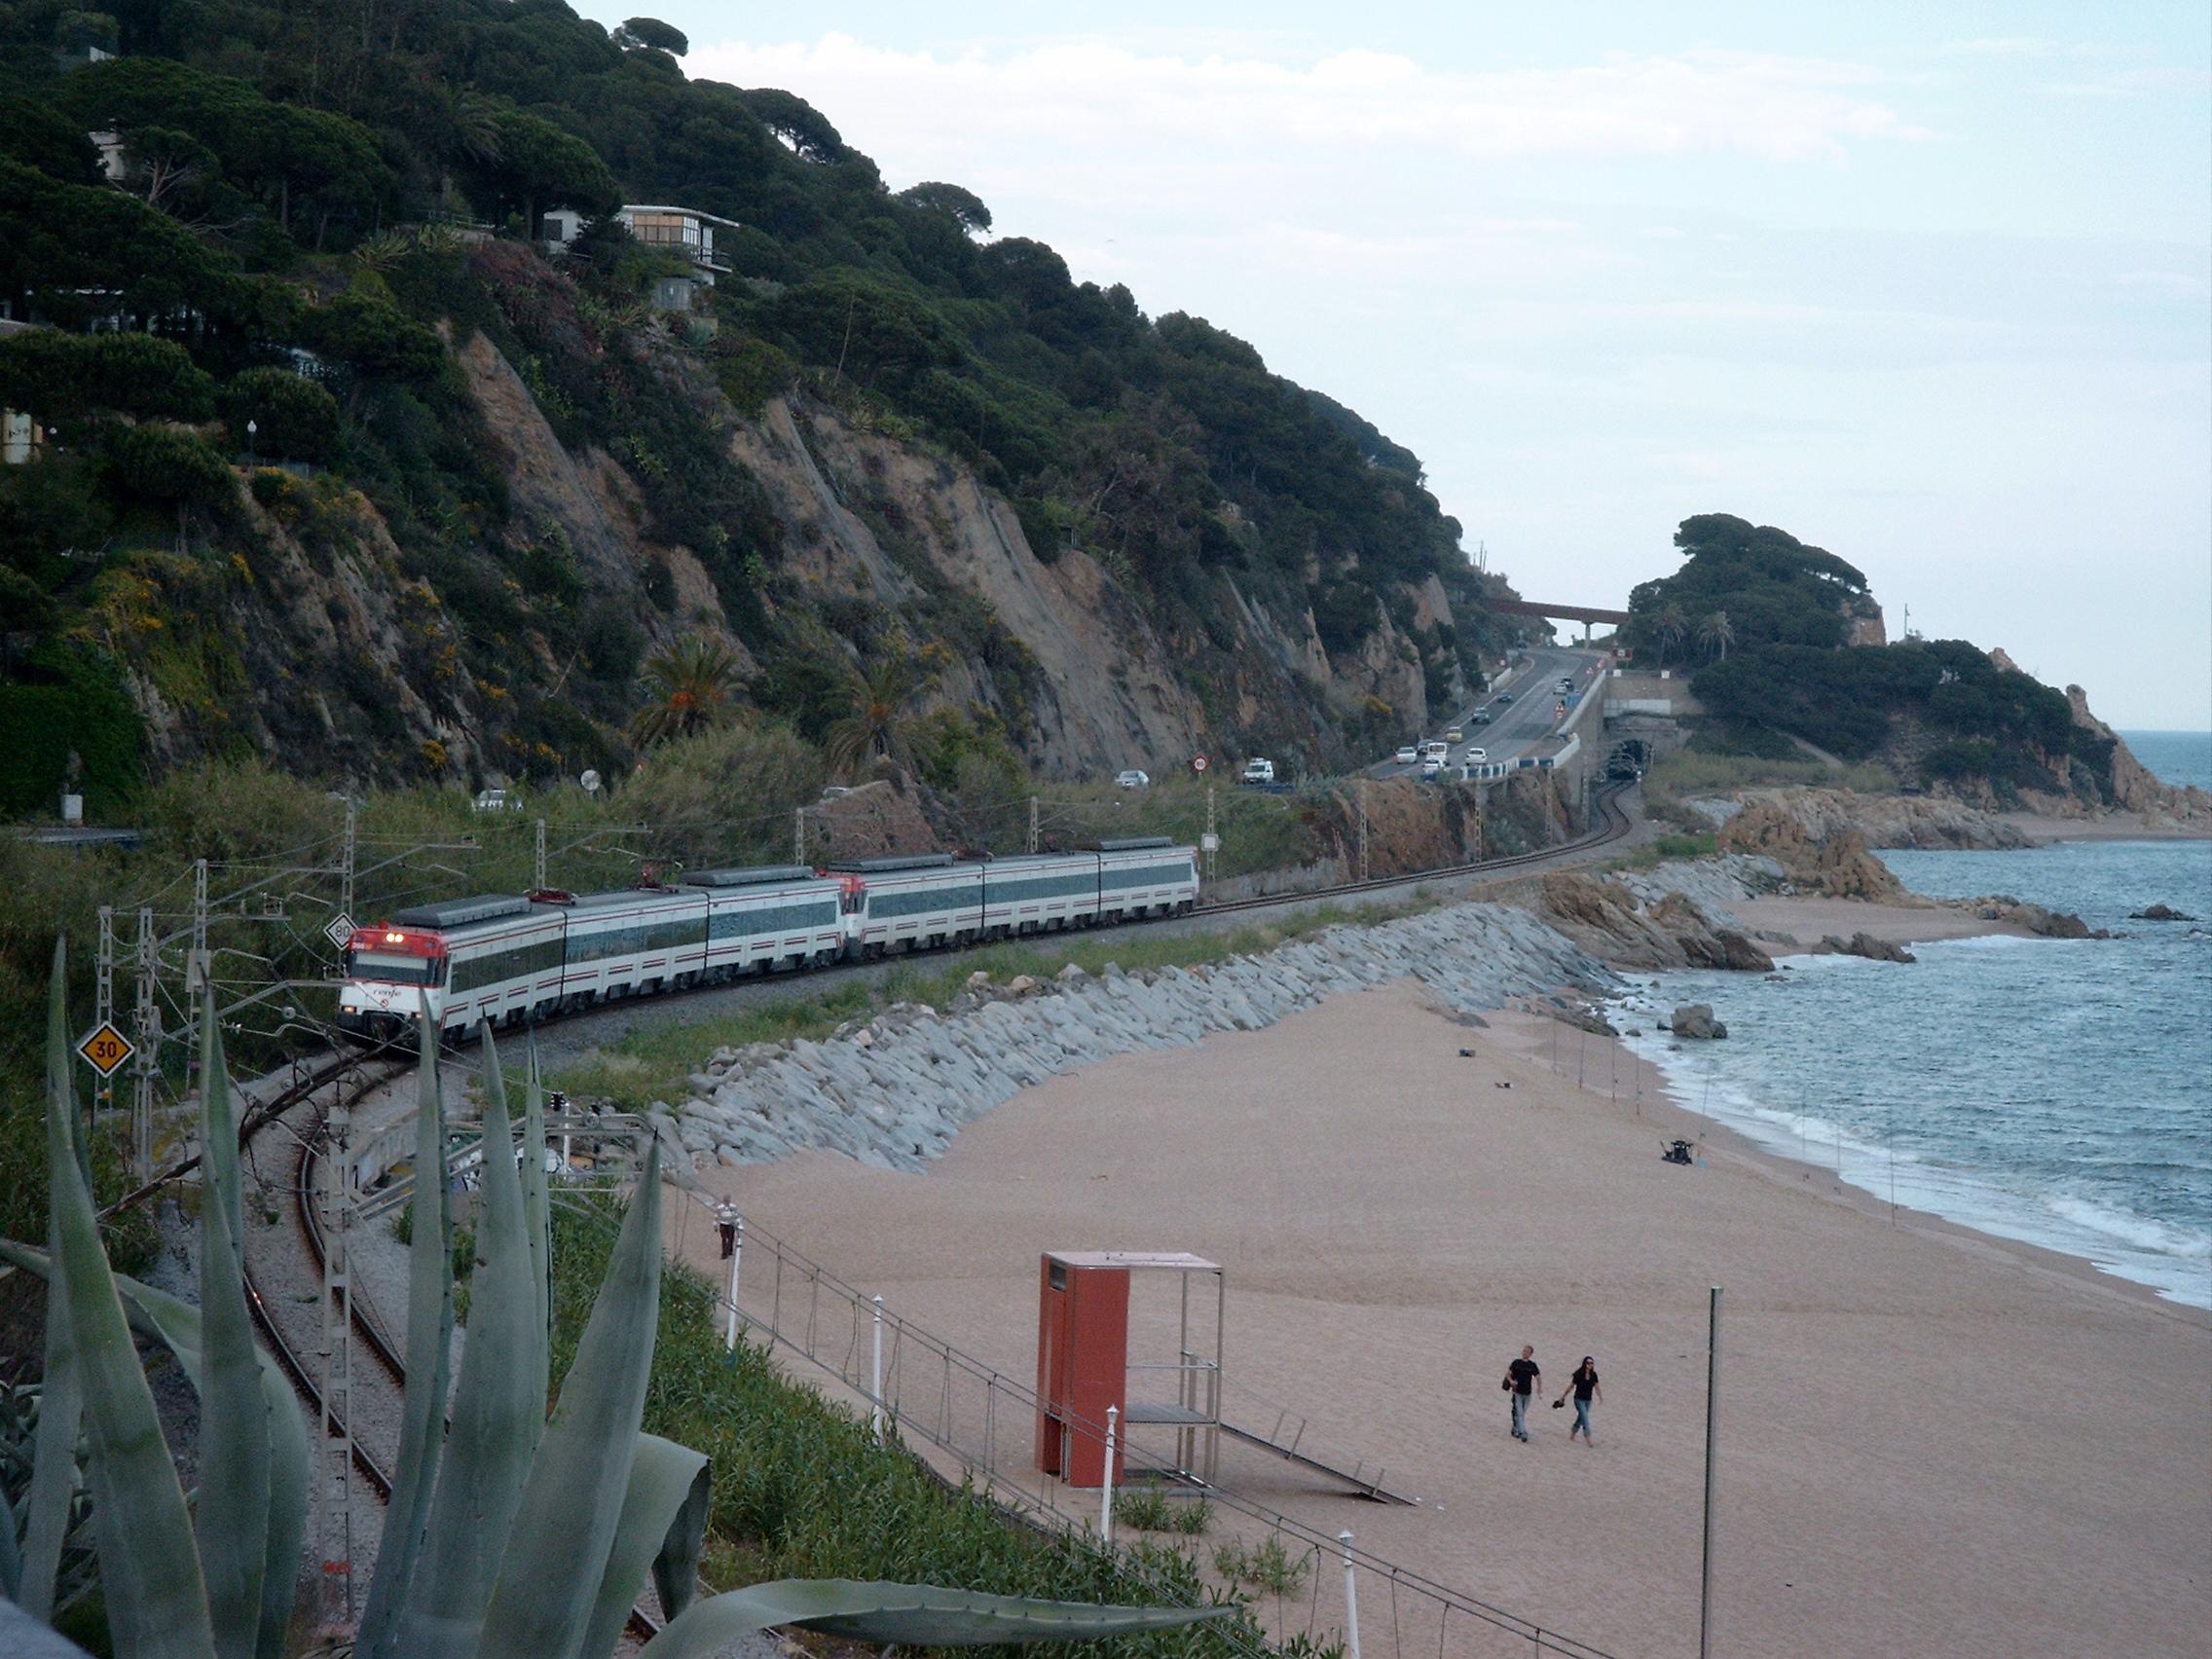 Foto playa La Platjola. Costa del Maresme,  Modelleisenbahn?